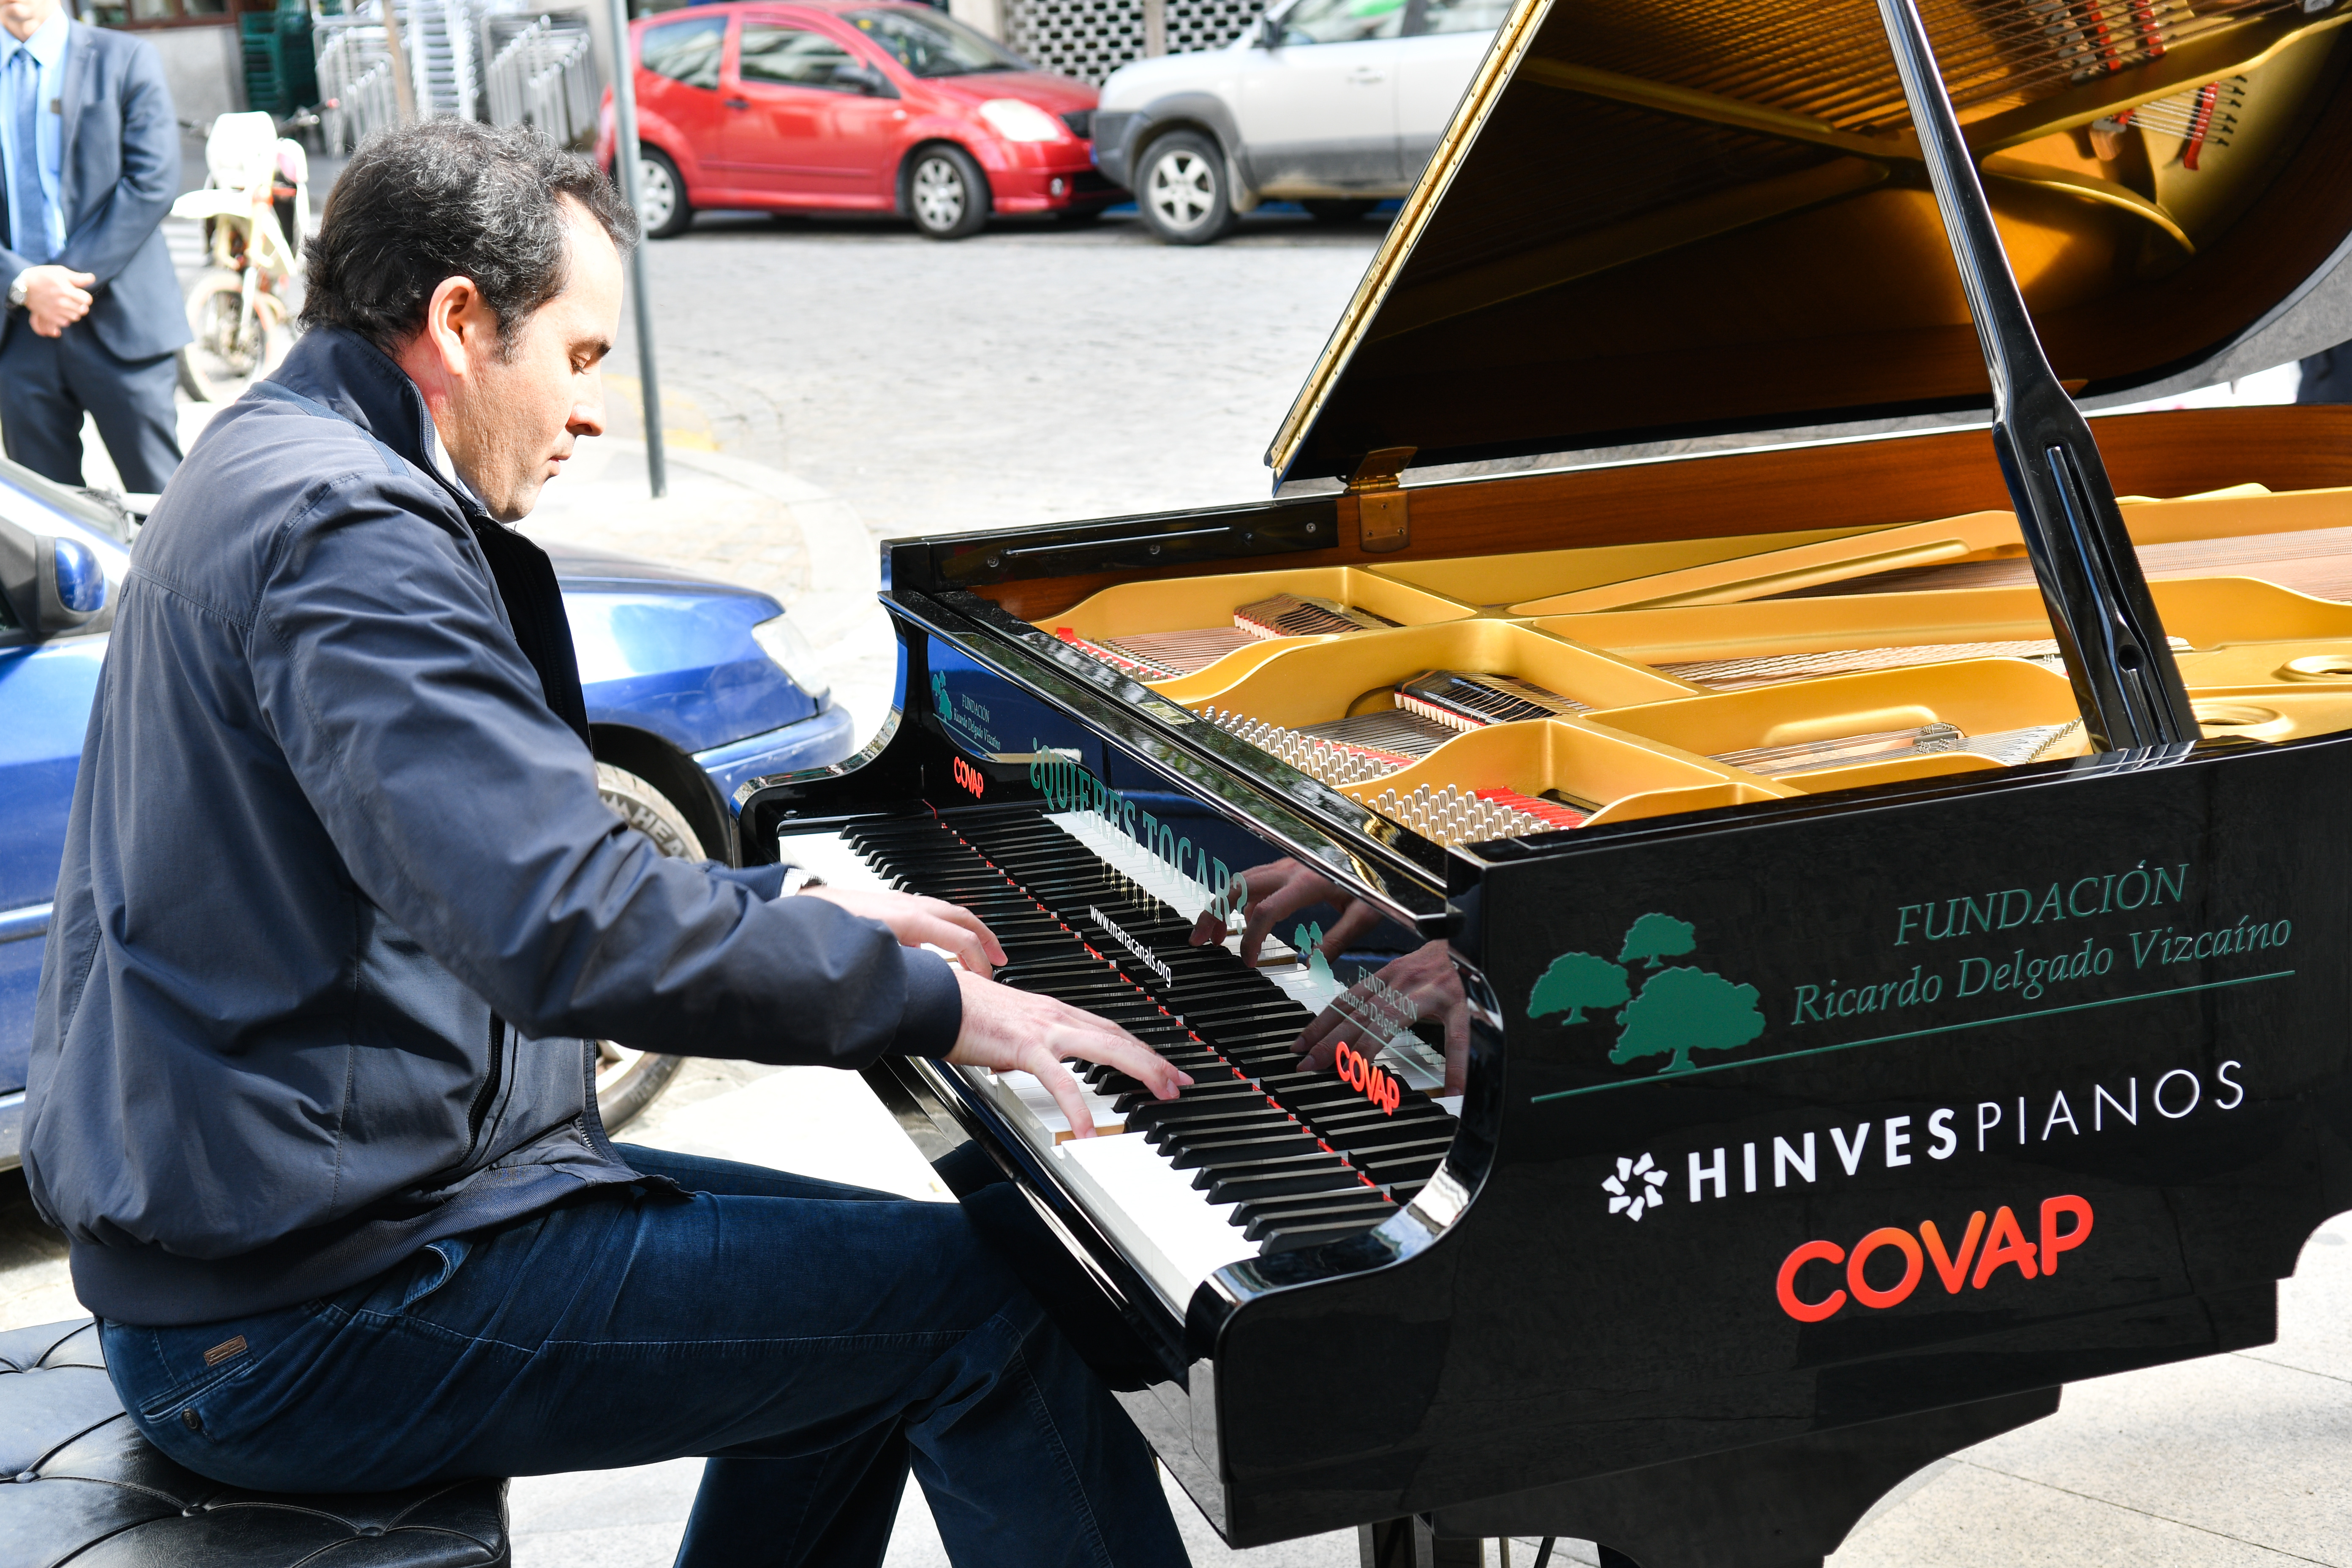 Pianos en la calle | Fundación Ricardo Delgado Vizcaino